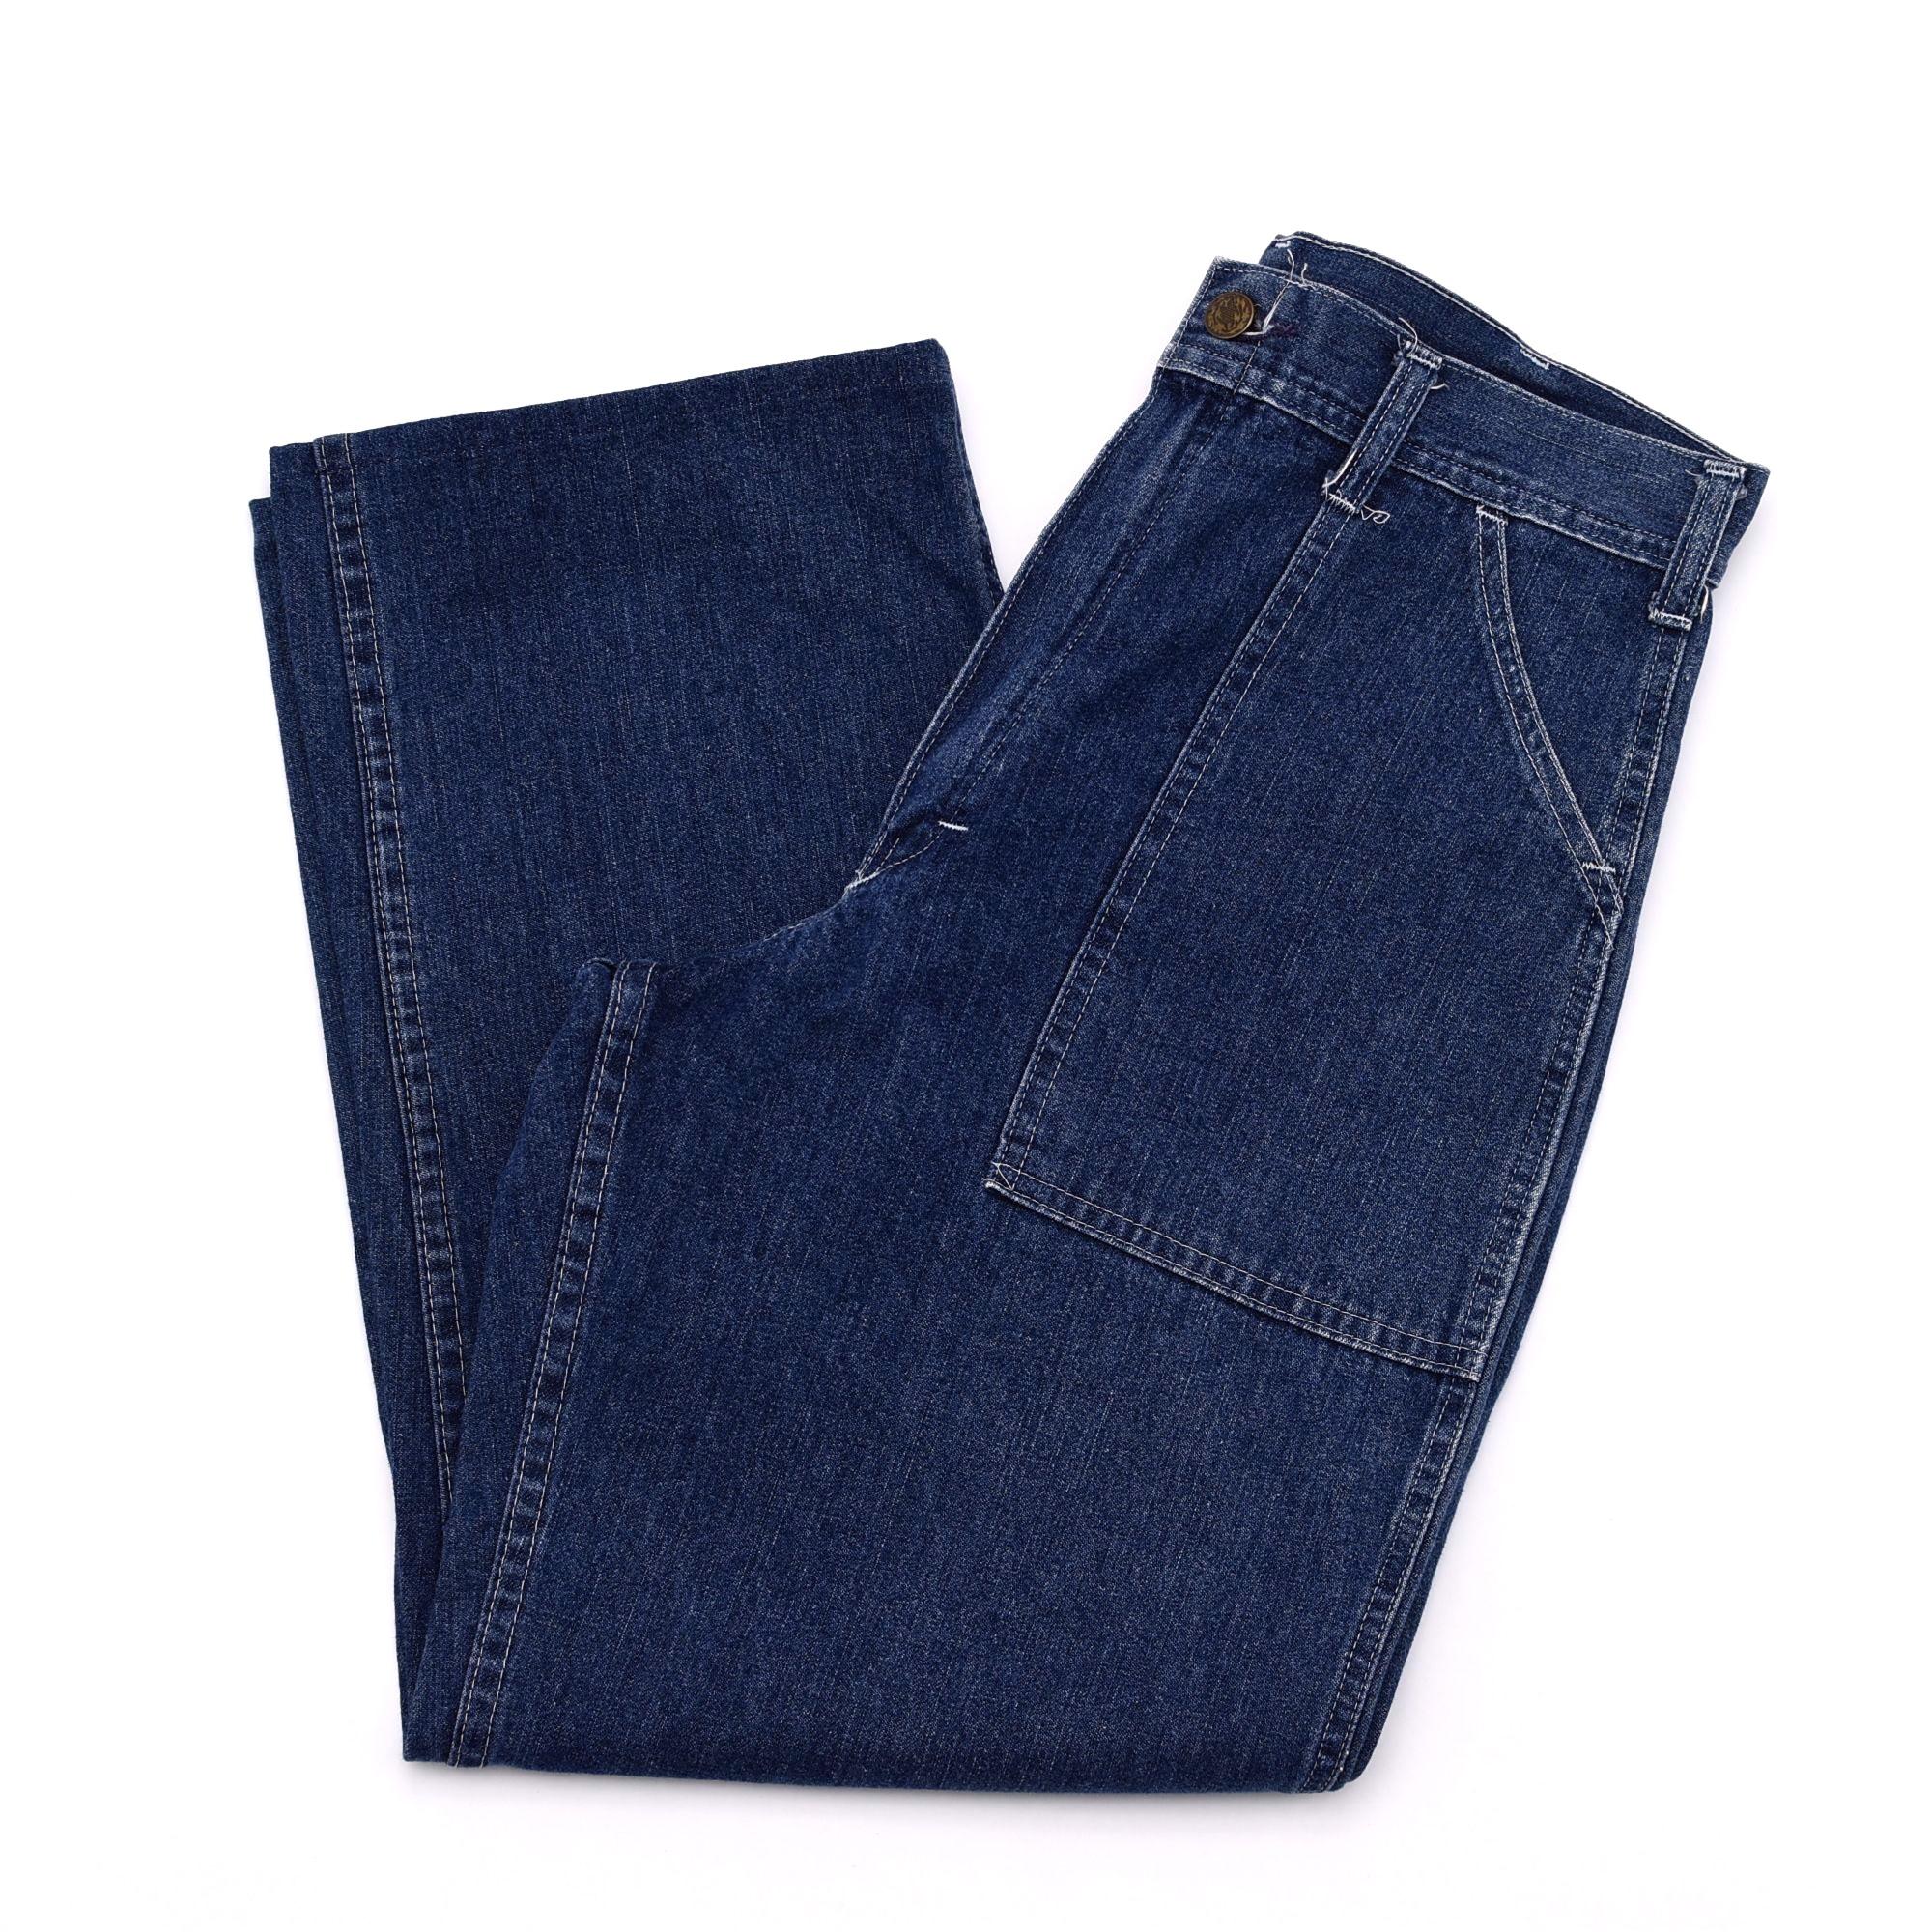 90's GUNG HO denim baker pants Made in USA